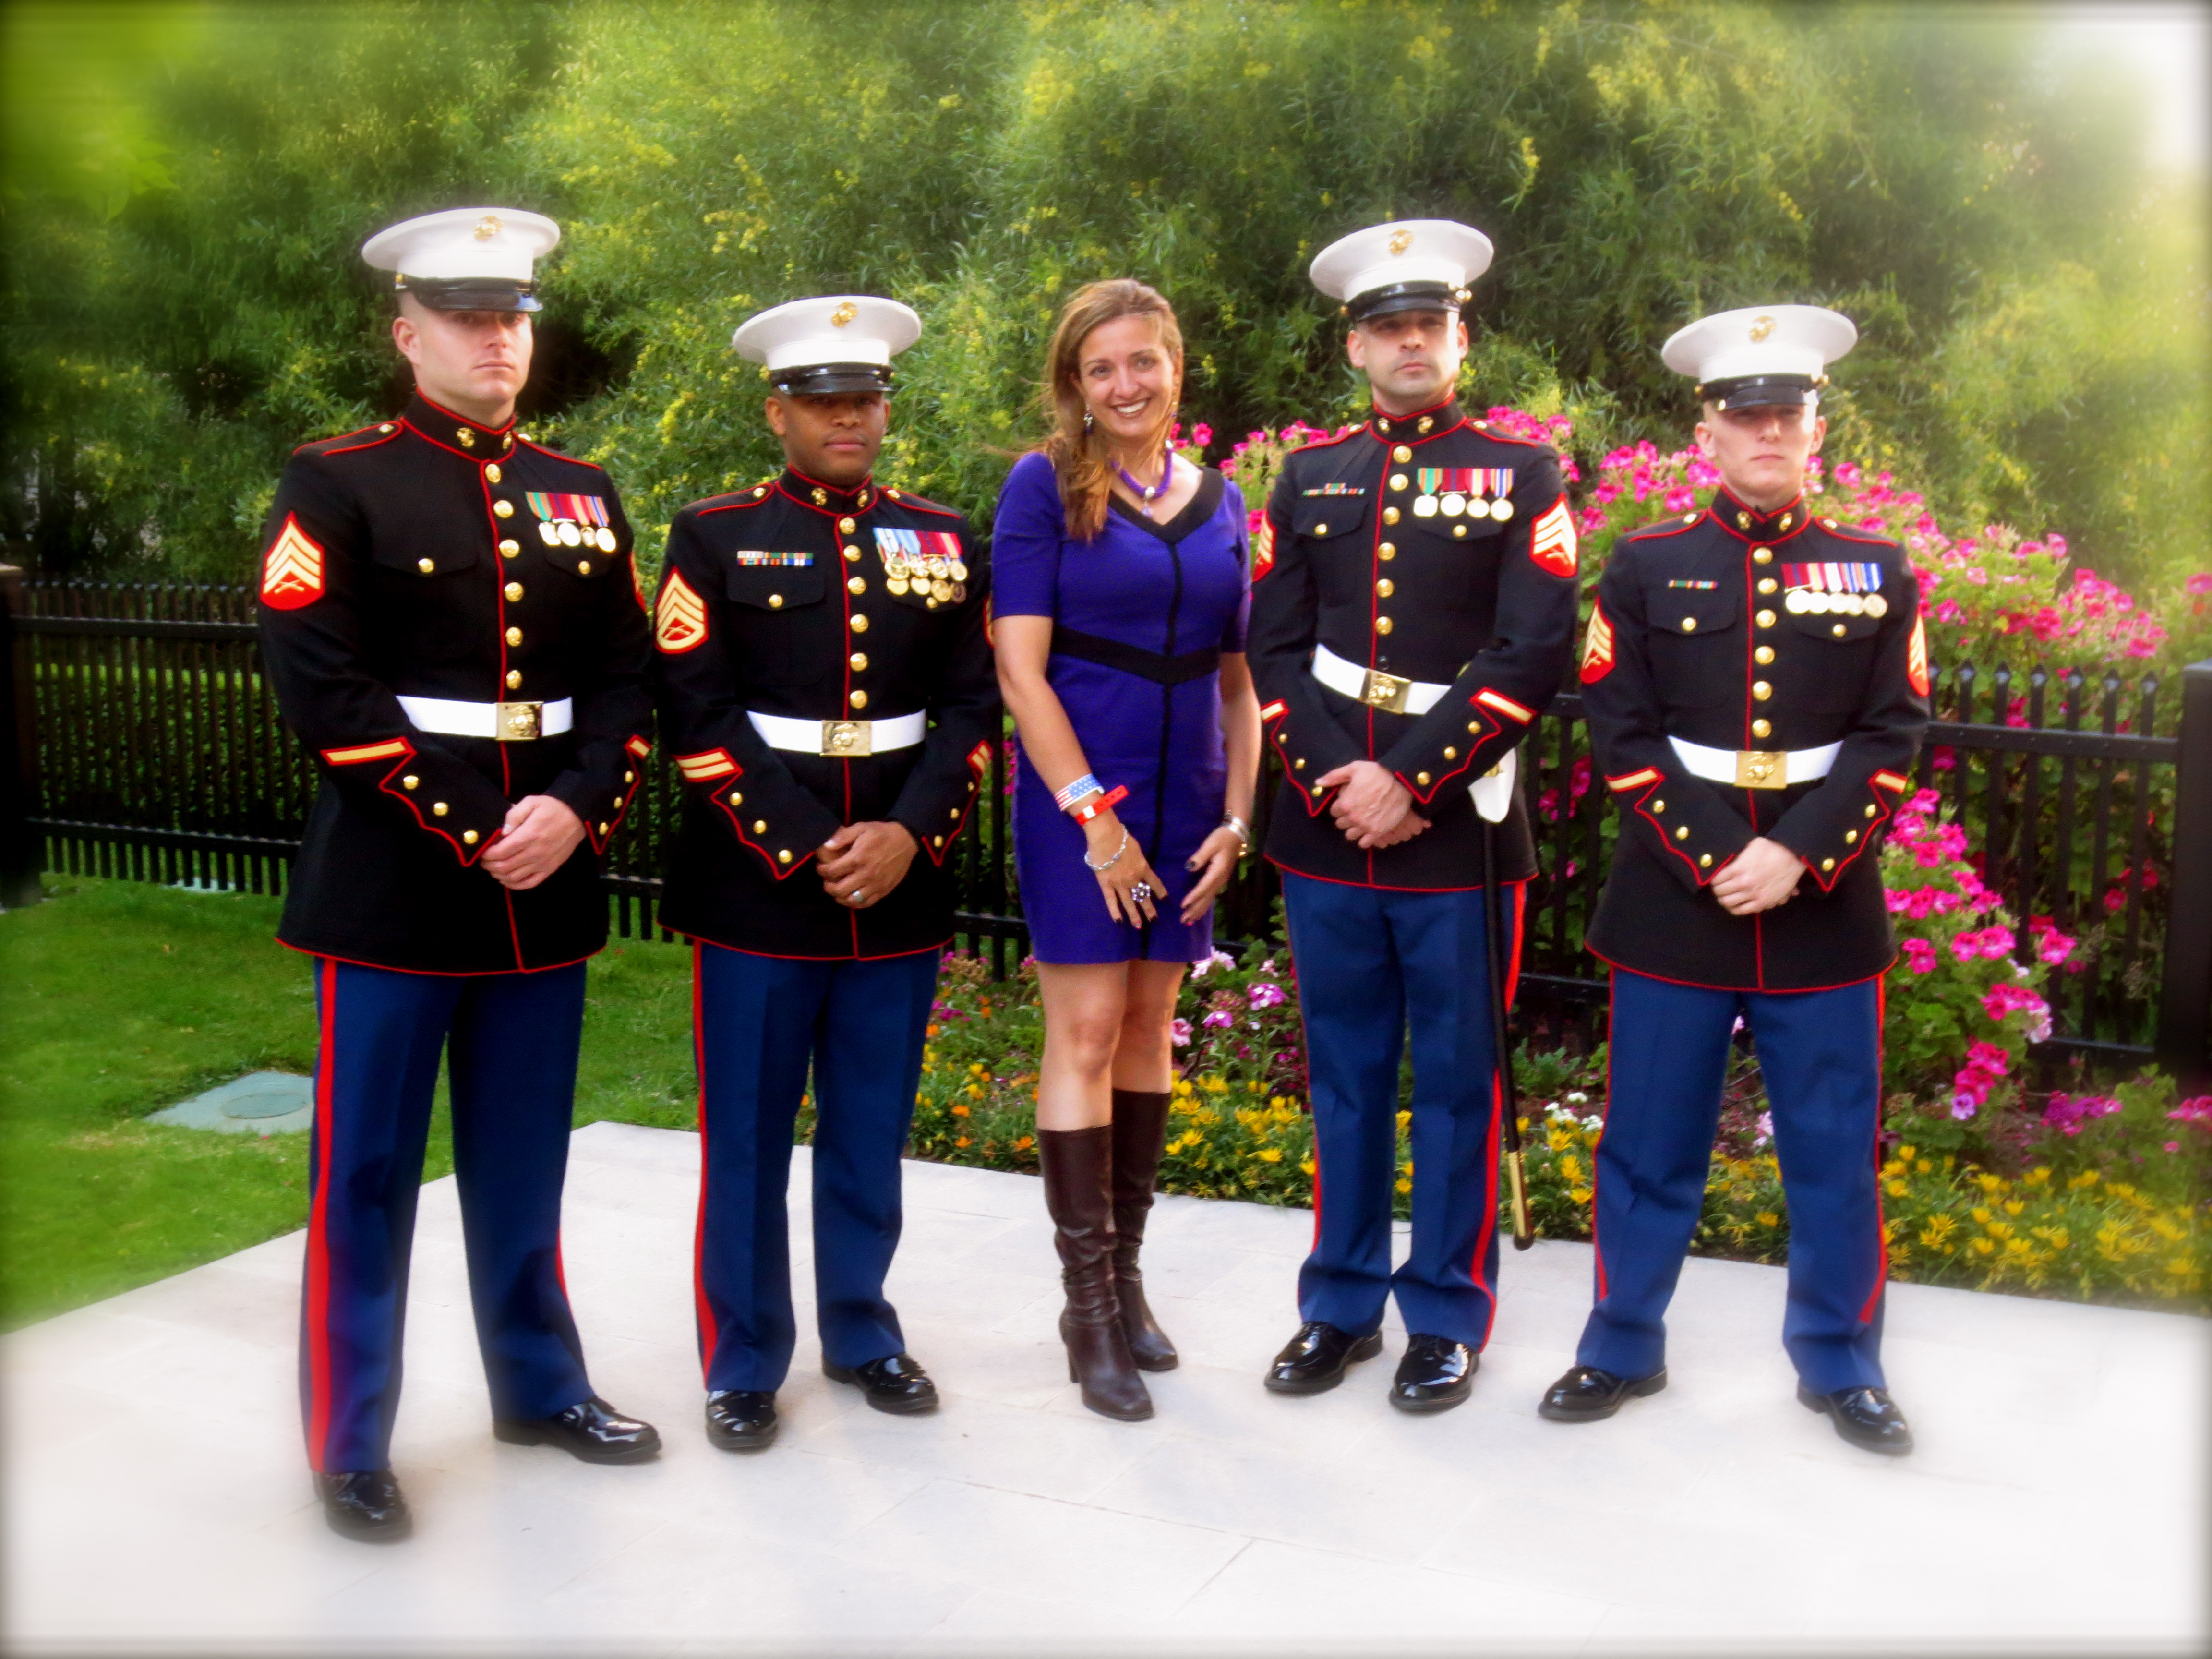 Happy 238th Birthday to the USMC! – 3rdculturechildren